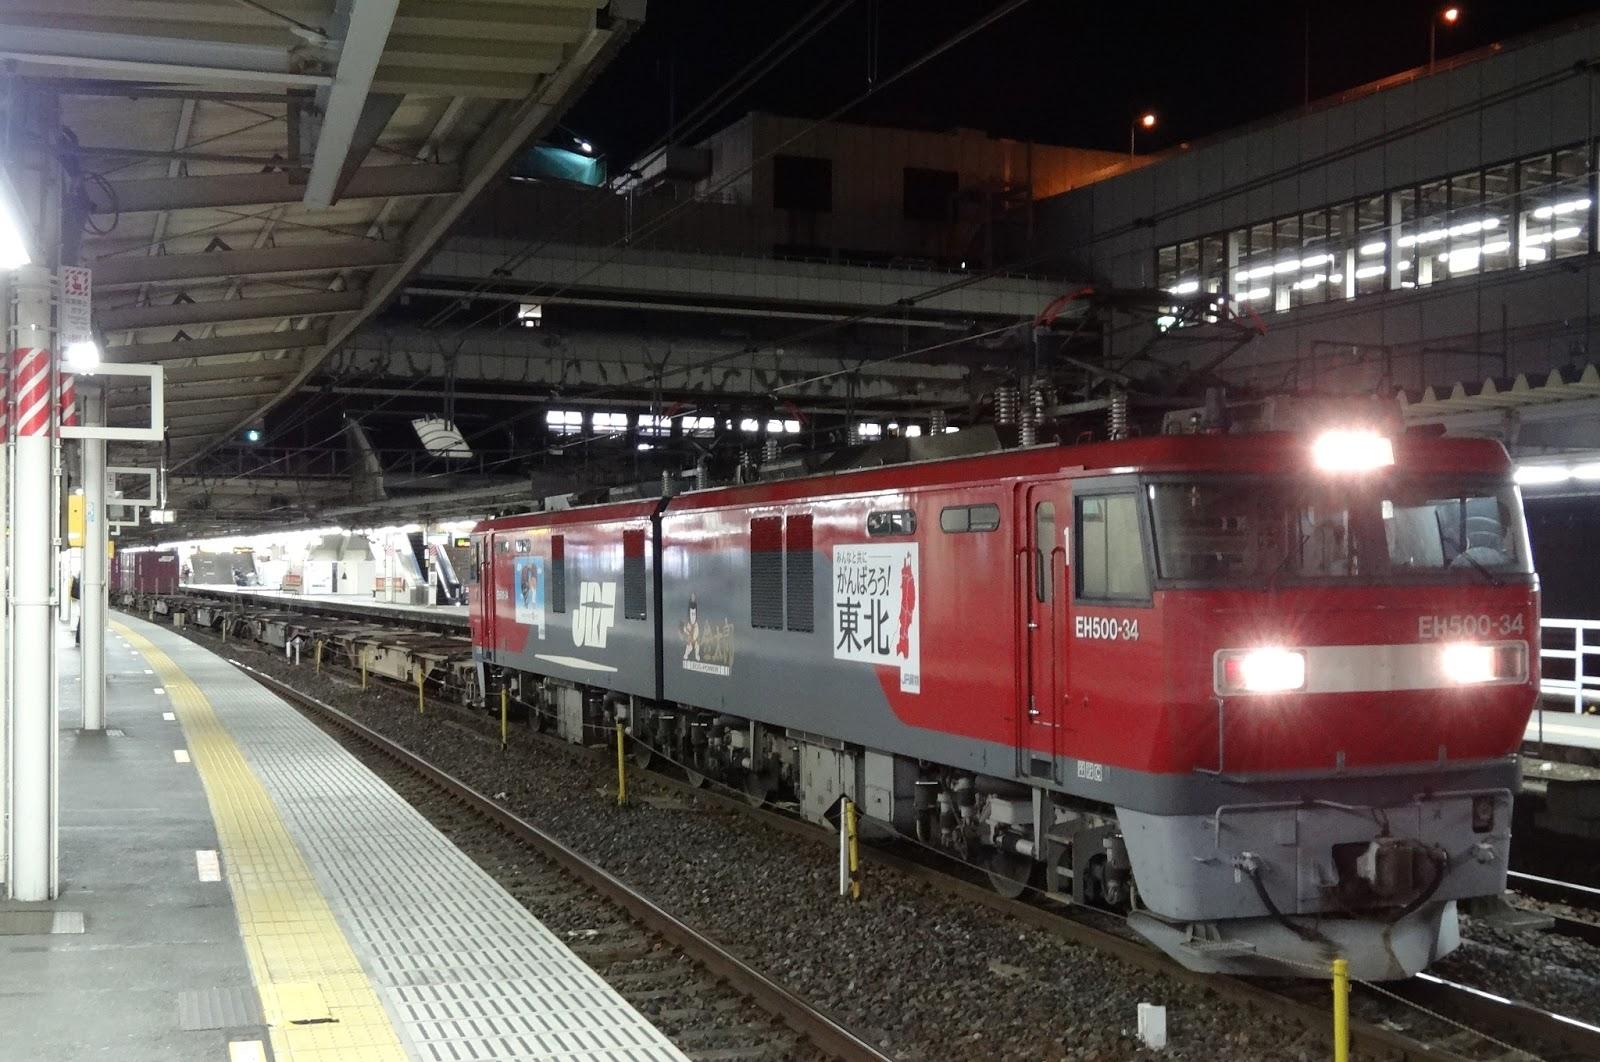 大宮駅停車中のEH500形牽引の貨物列車